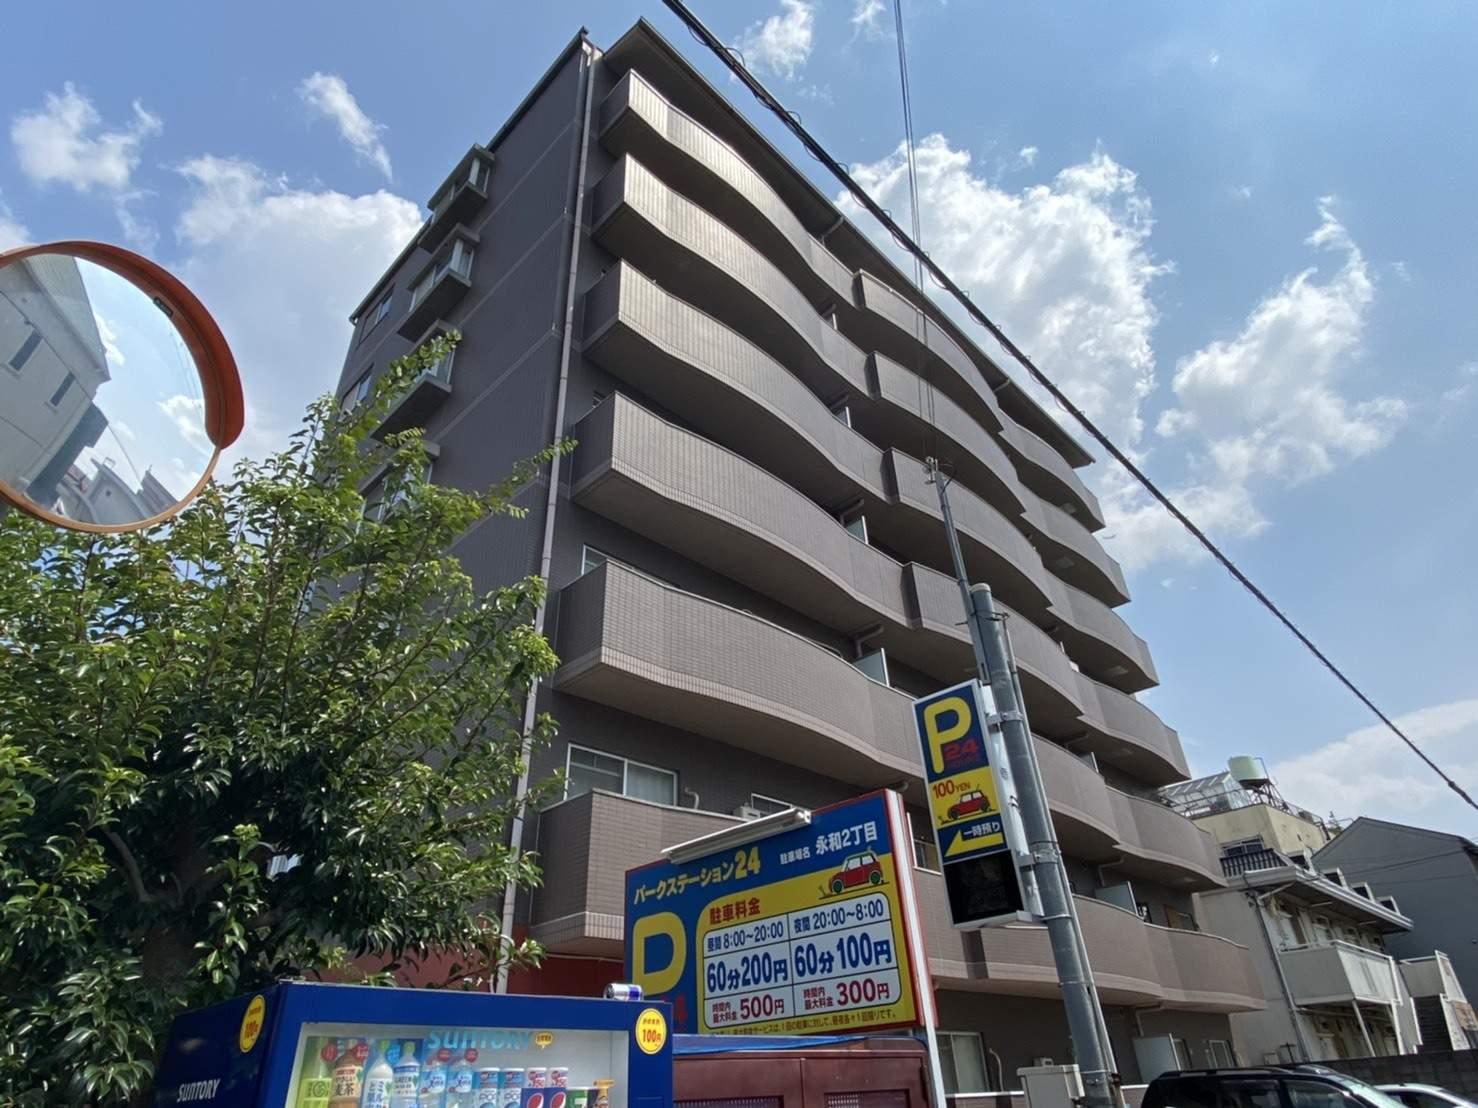 大阪府東大阪市、JR俊徳道駅徒歩3分の築22年 7階建の賃貸マンション